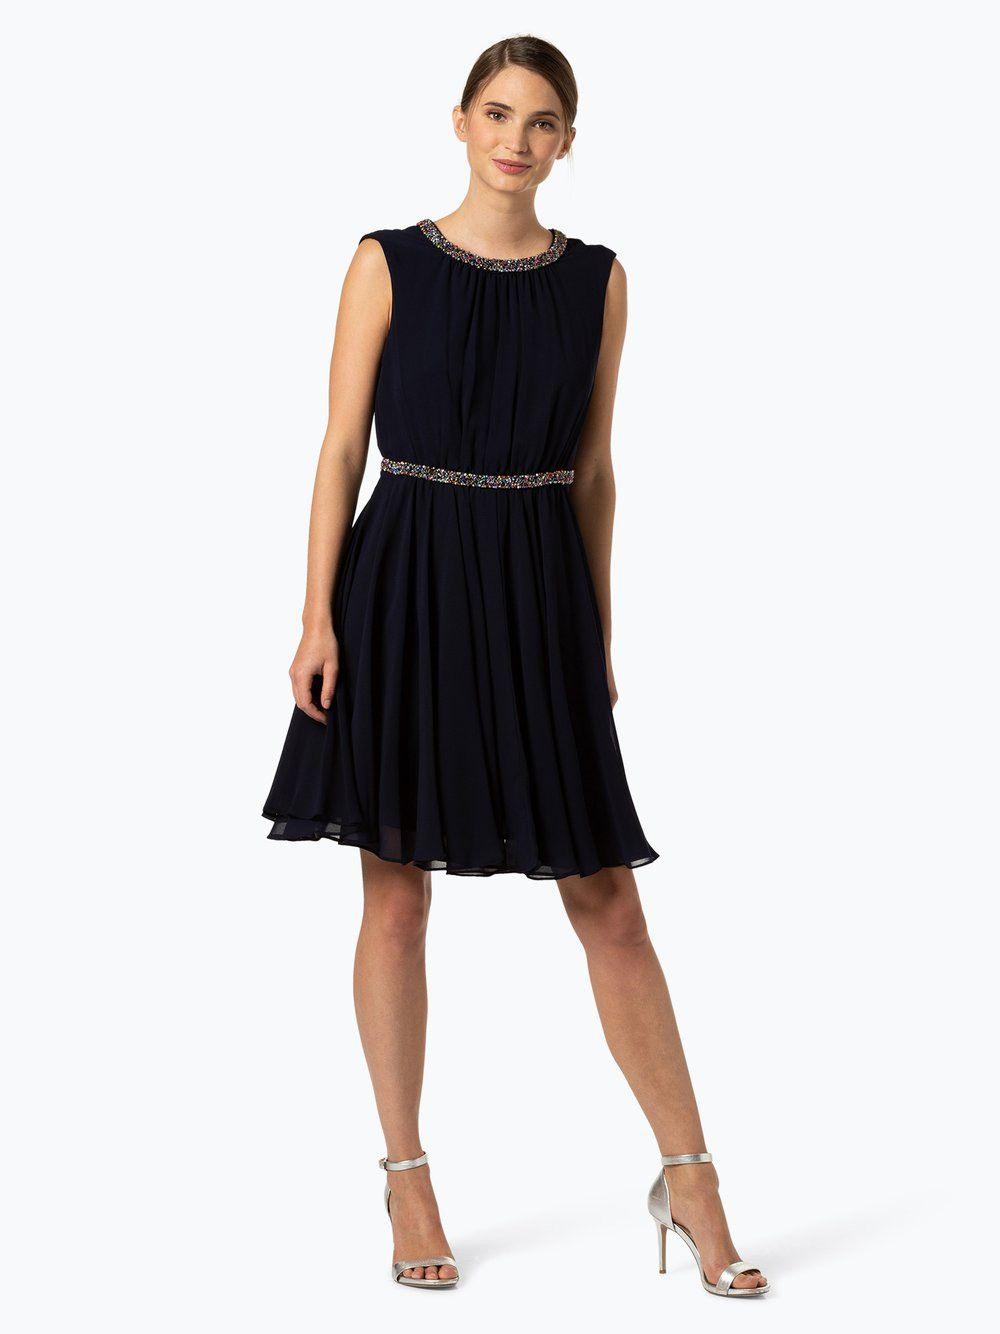 17 Fantastisch Abendkleider Esprit Galerie Check more at https